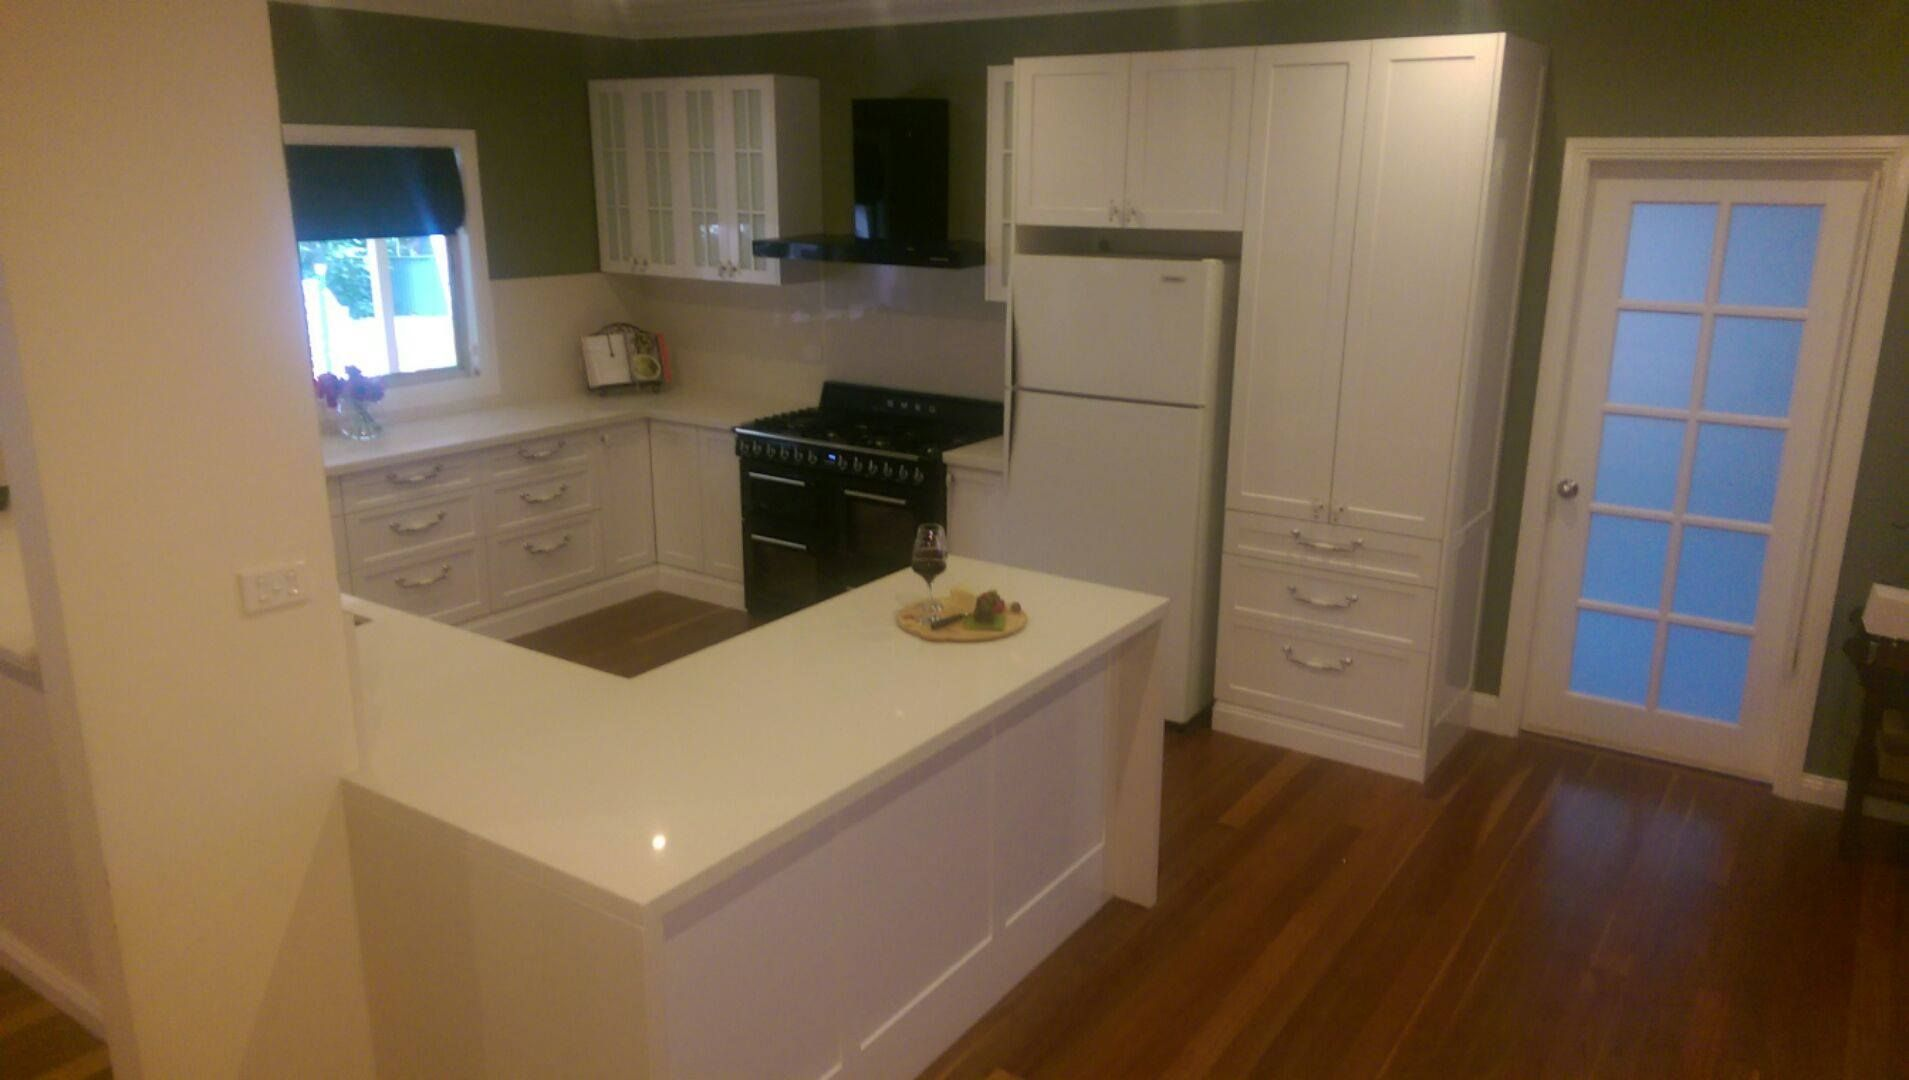 Kitchens Kitchen, Kitchen design, Custom kitchen